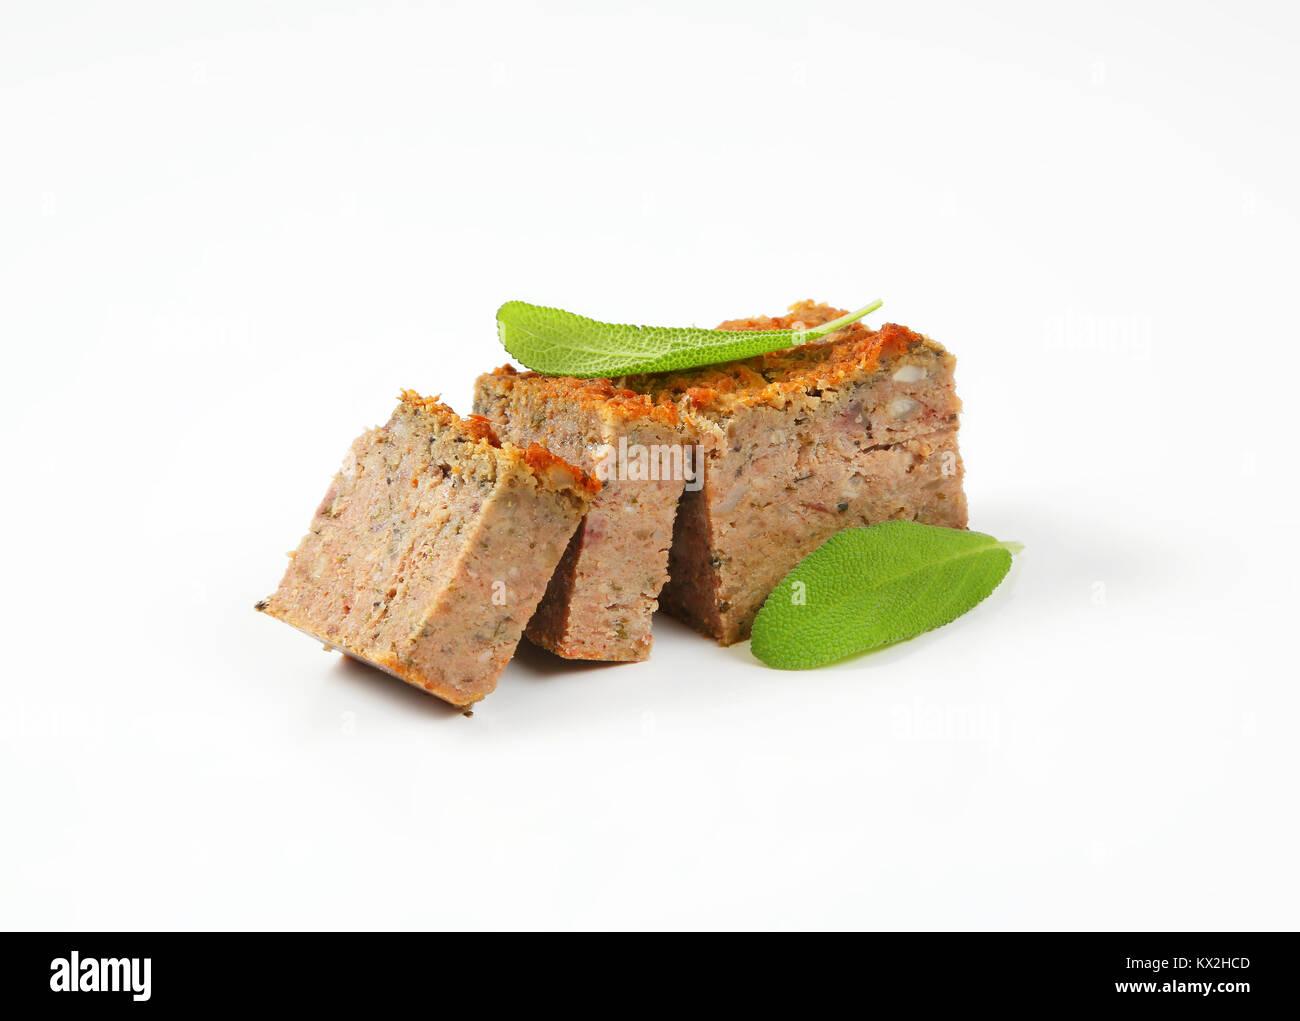 Ground Liver Stock Photos & Ground Liver Stock Images - Alamy